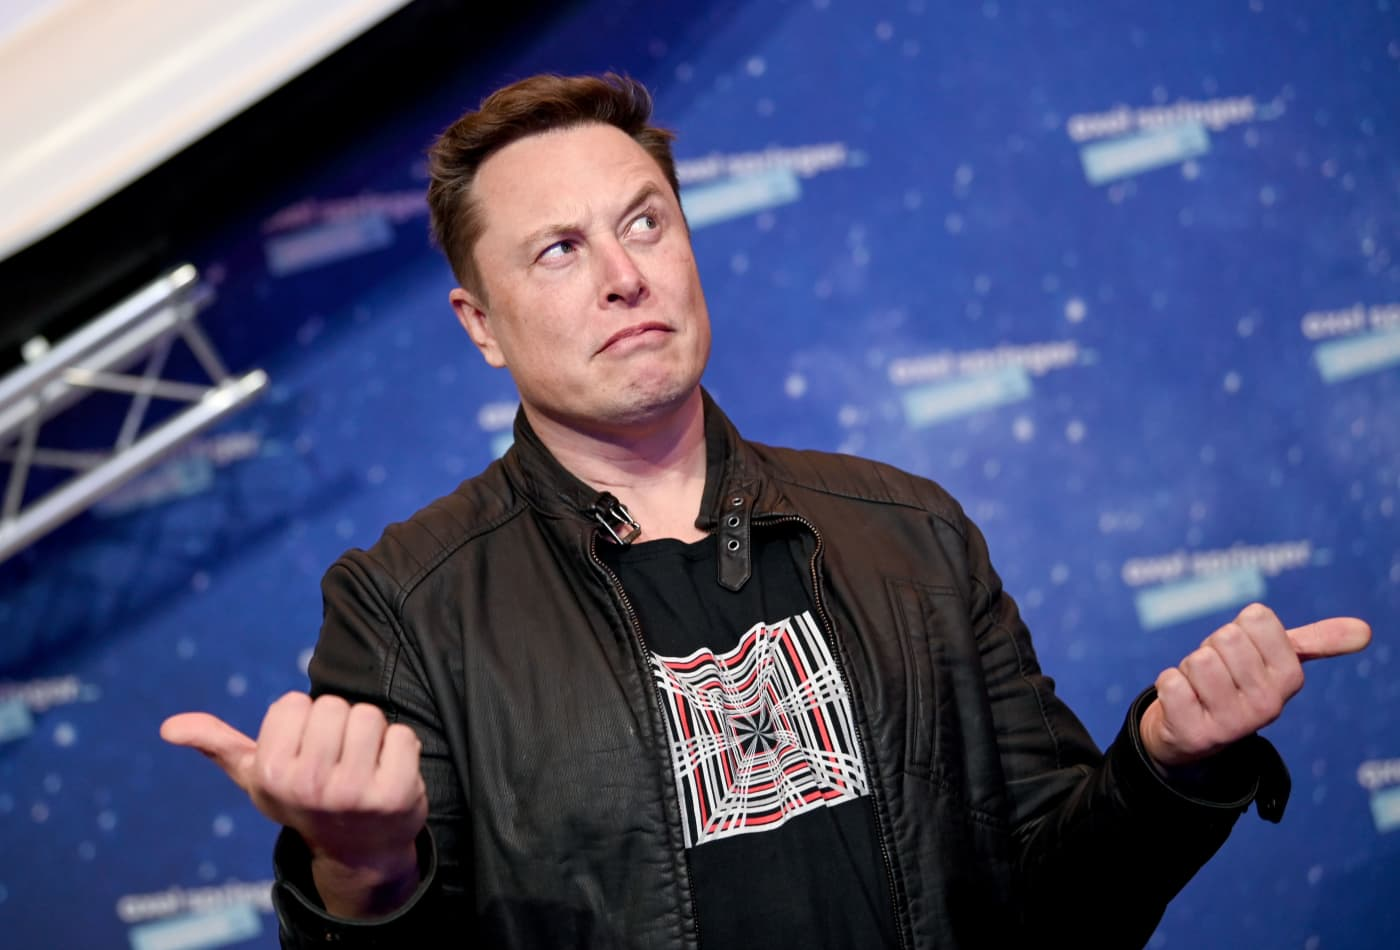 Elon Musk blasts Jeff Bezos' Amazon, alleging effort to 'hamstring' SpaceX's Starlink satellite internet